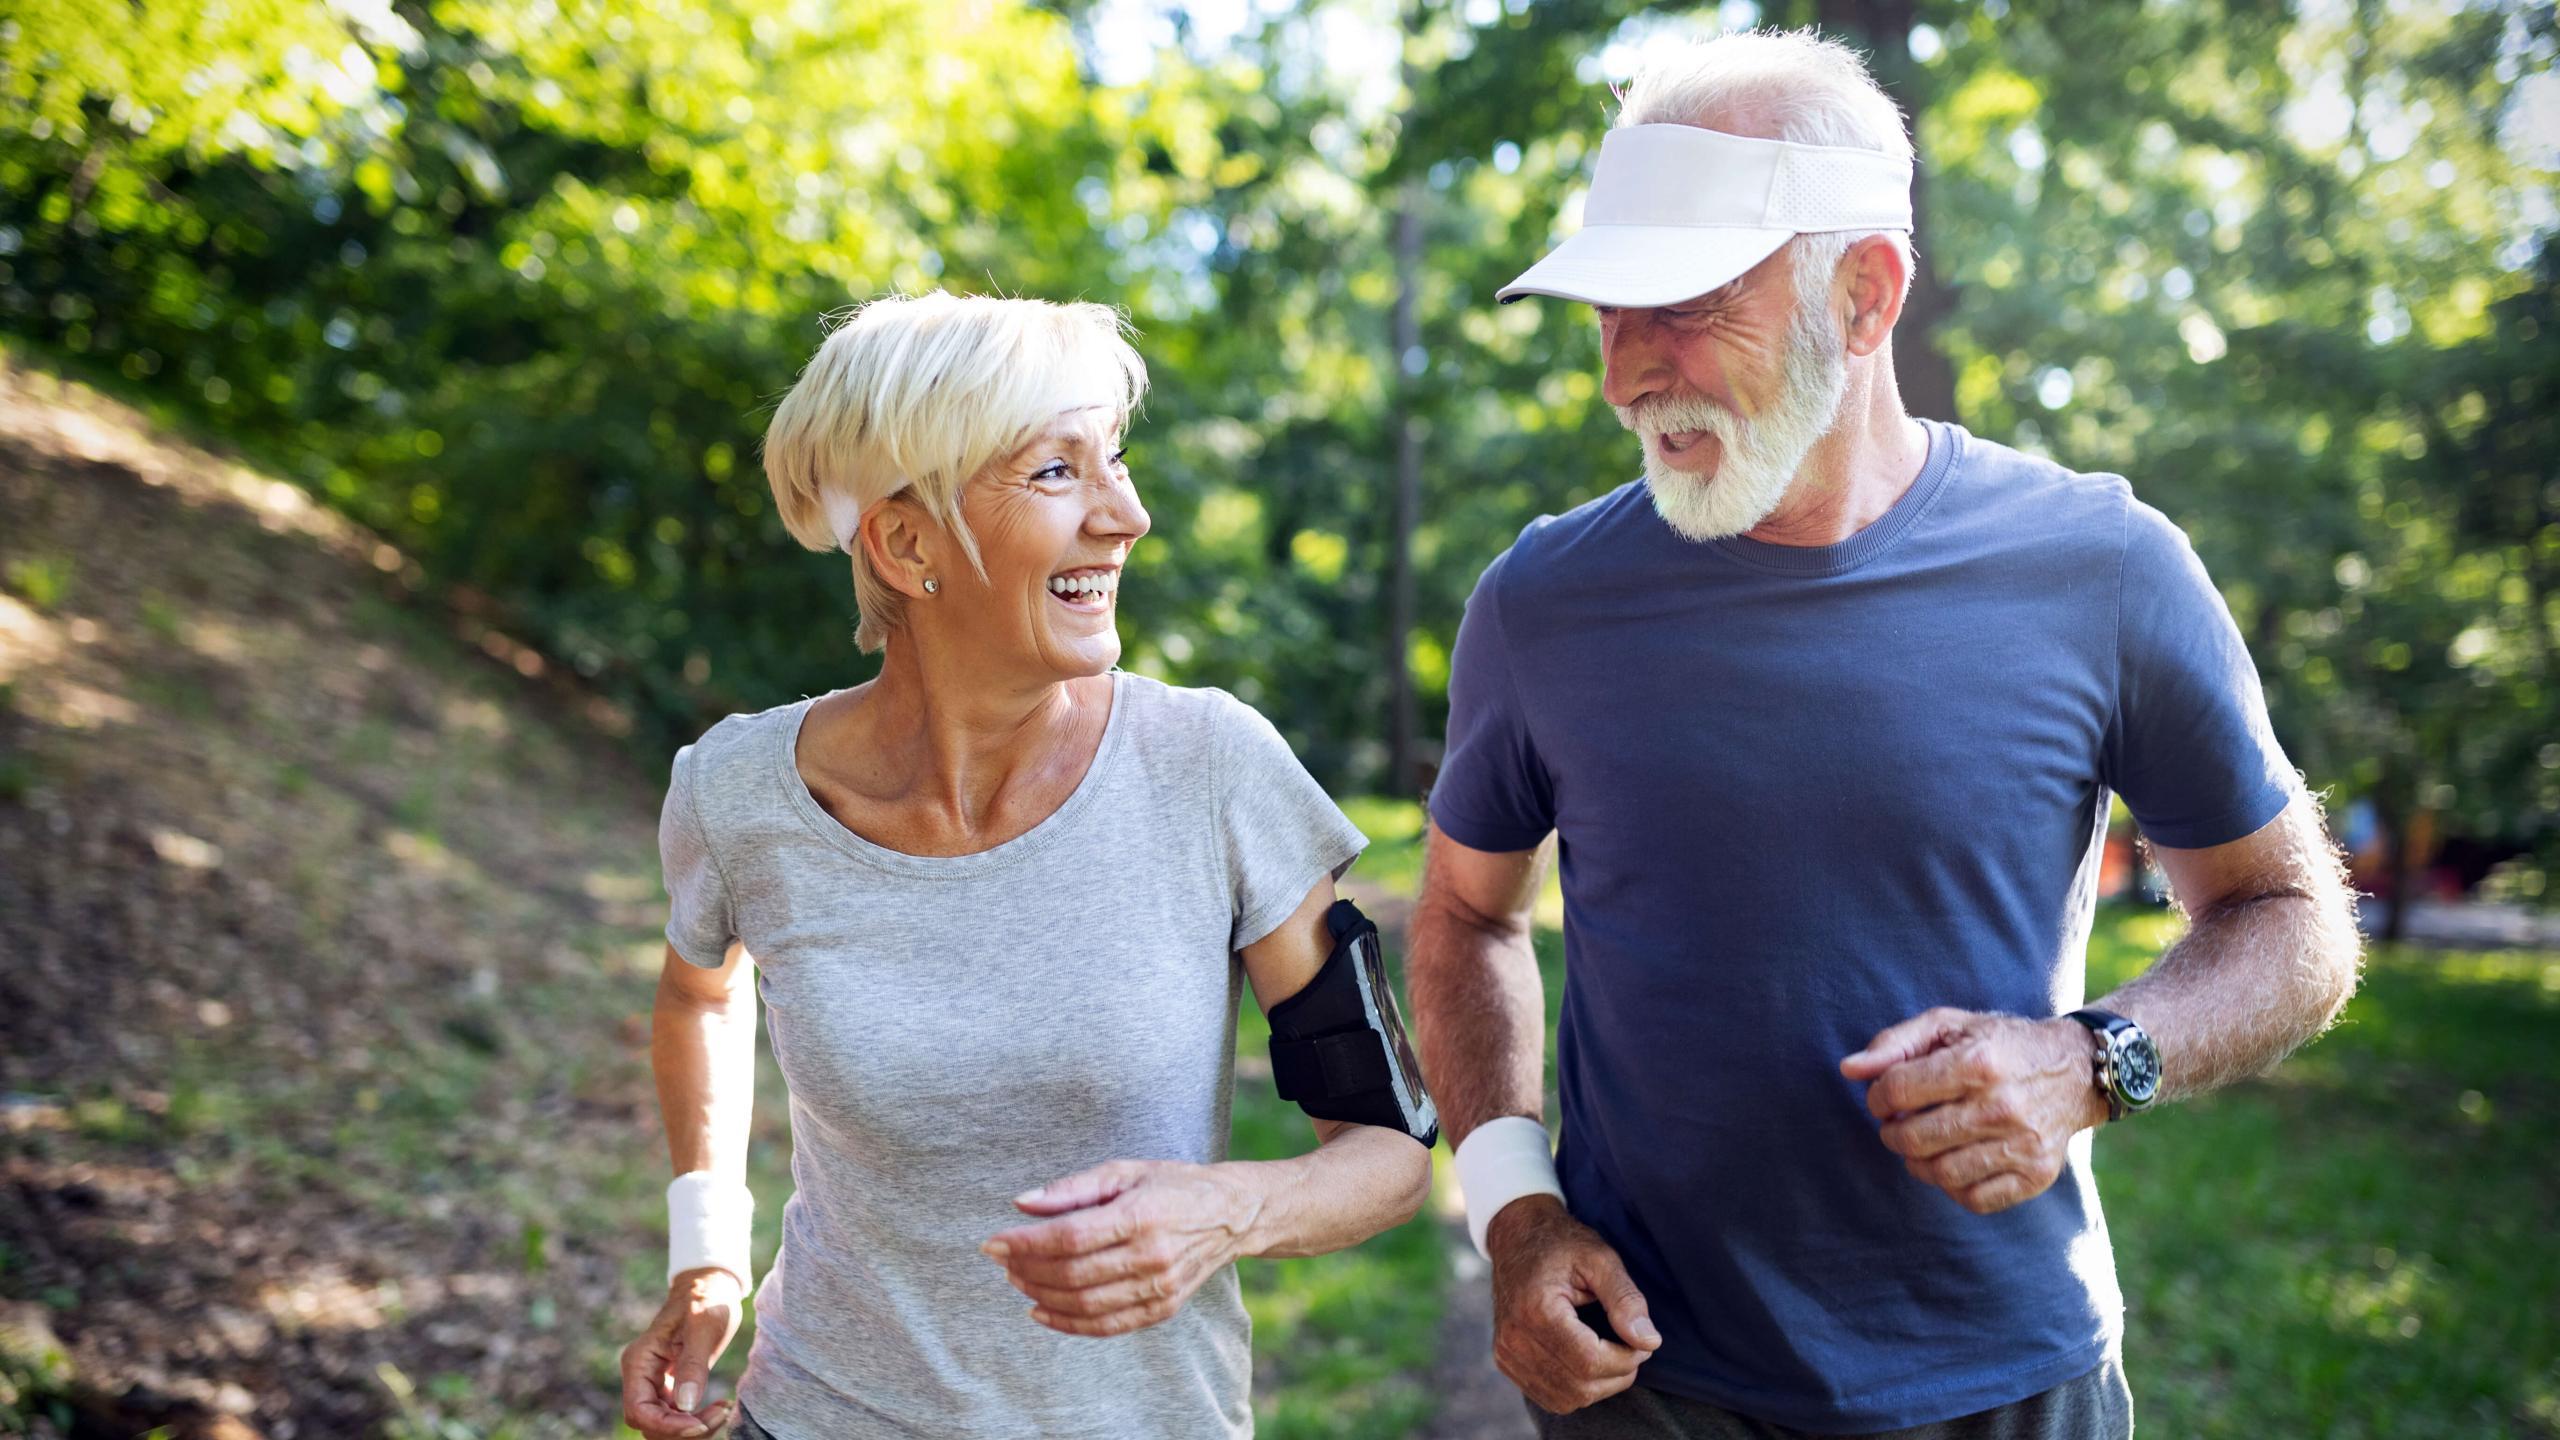 Физическая активность улучшает кровоснабжение мозга в «зонах памяти»